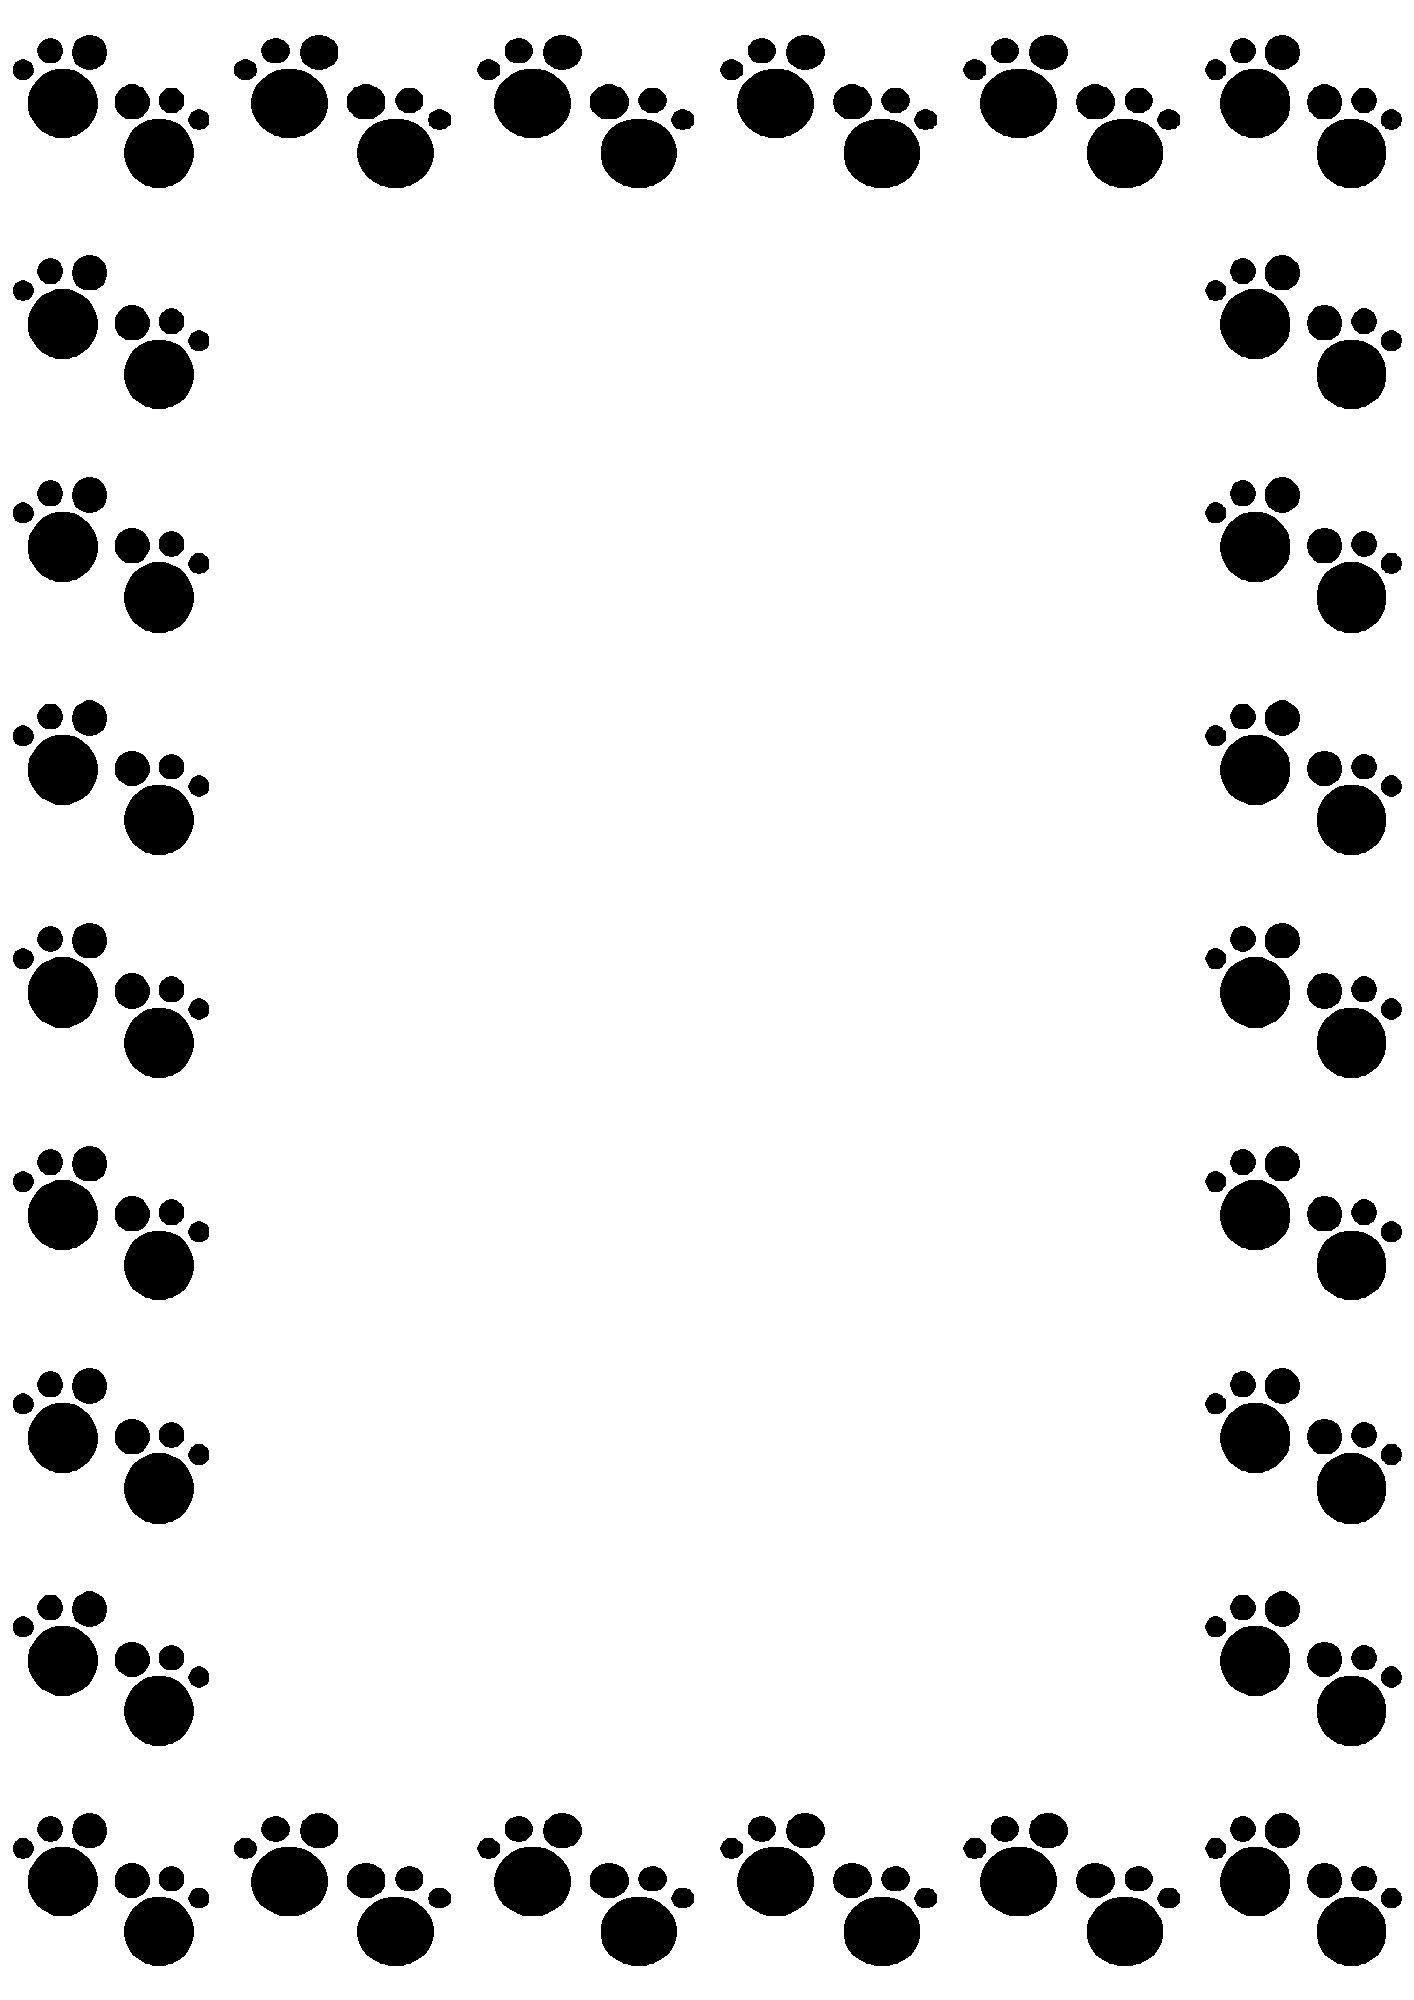 無料のフリー素材 - フレーム枠・タイトル「動物の足跡(黒)」